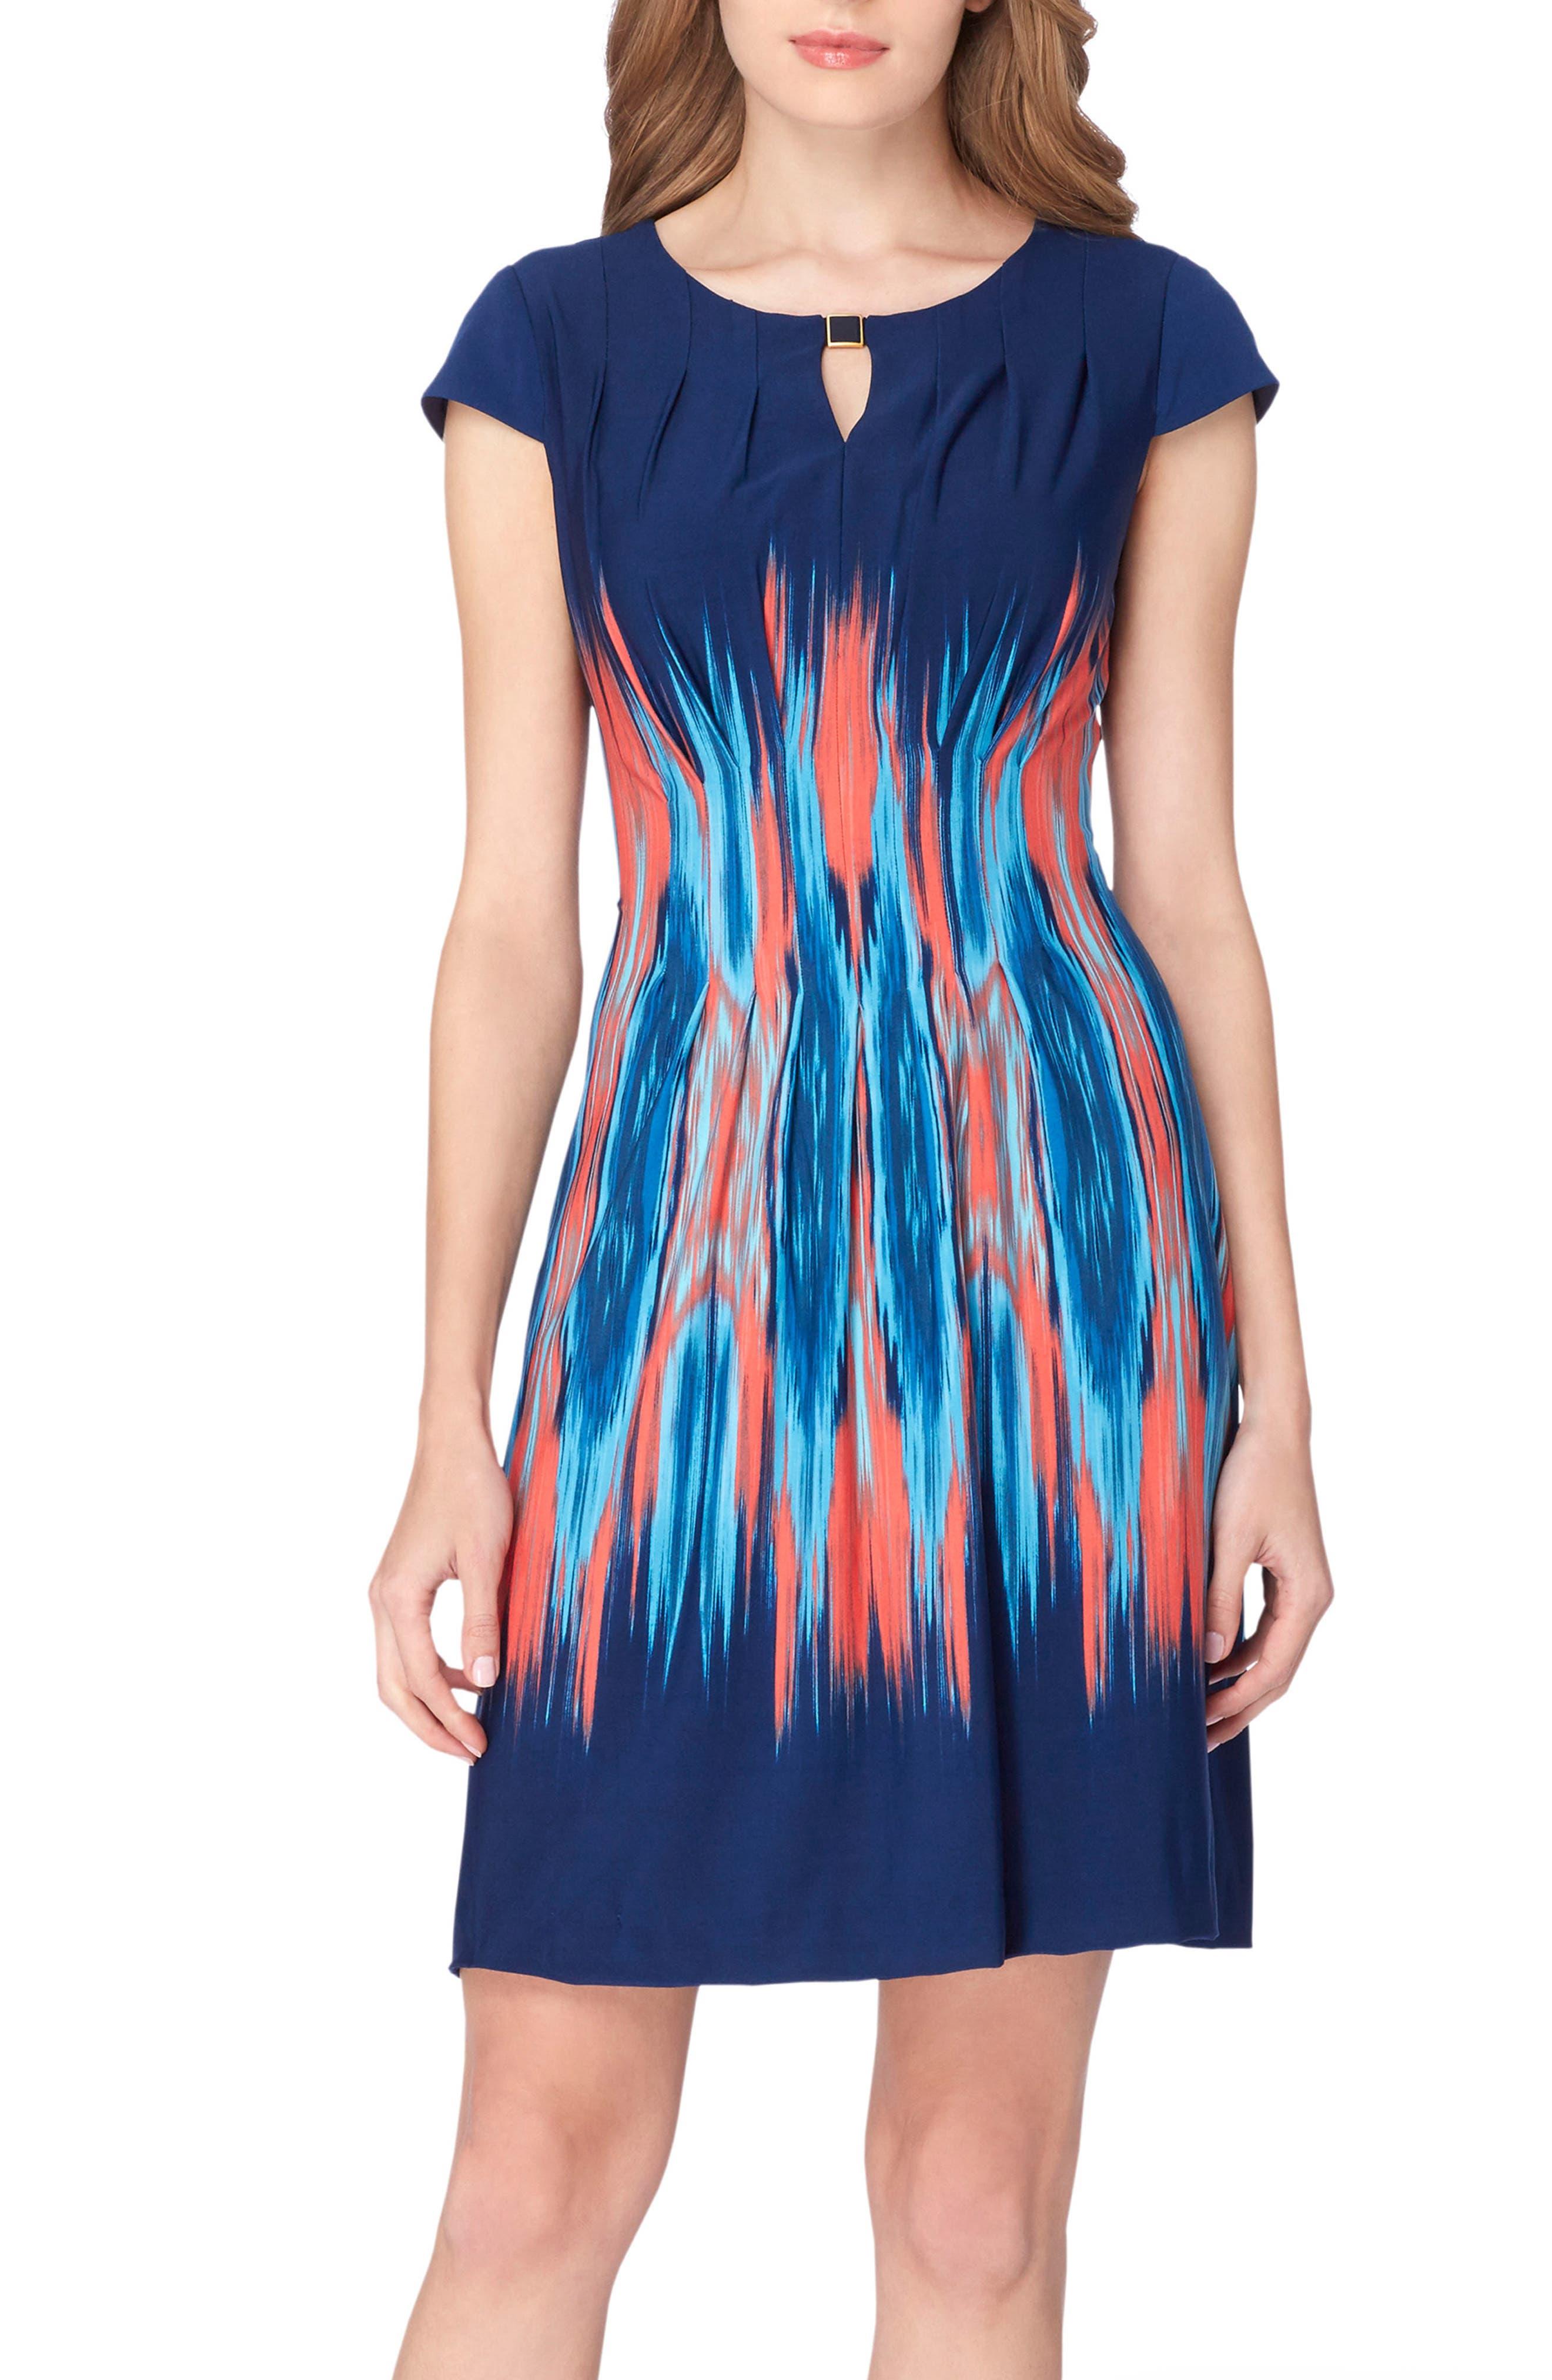 Alternate Image 1 Selected - Tahari Flame Print Jersey Sheath Dress (Regular & Petite)